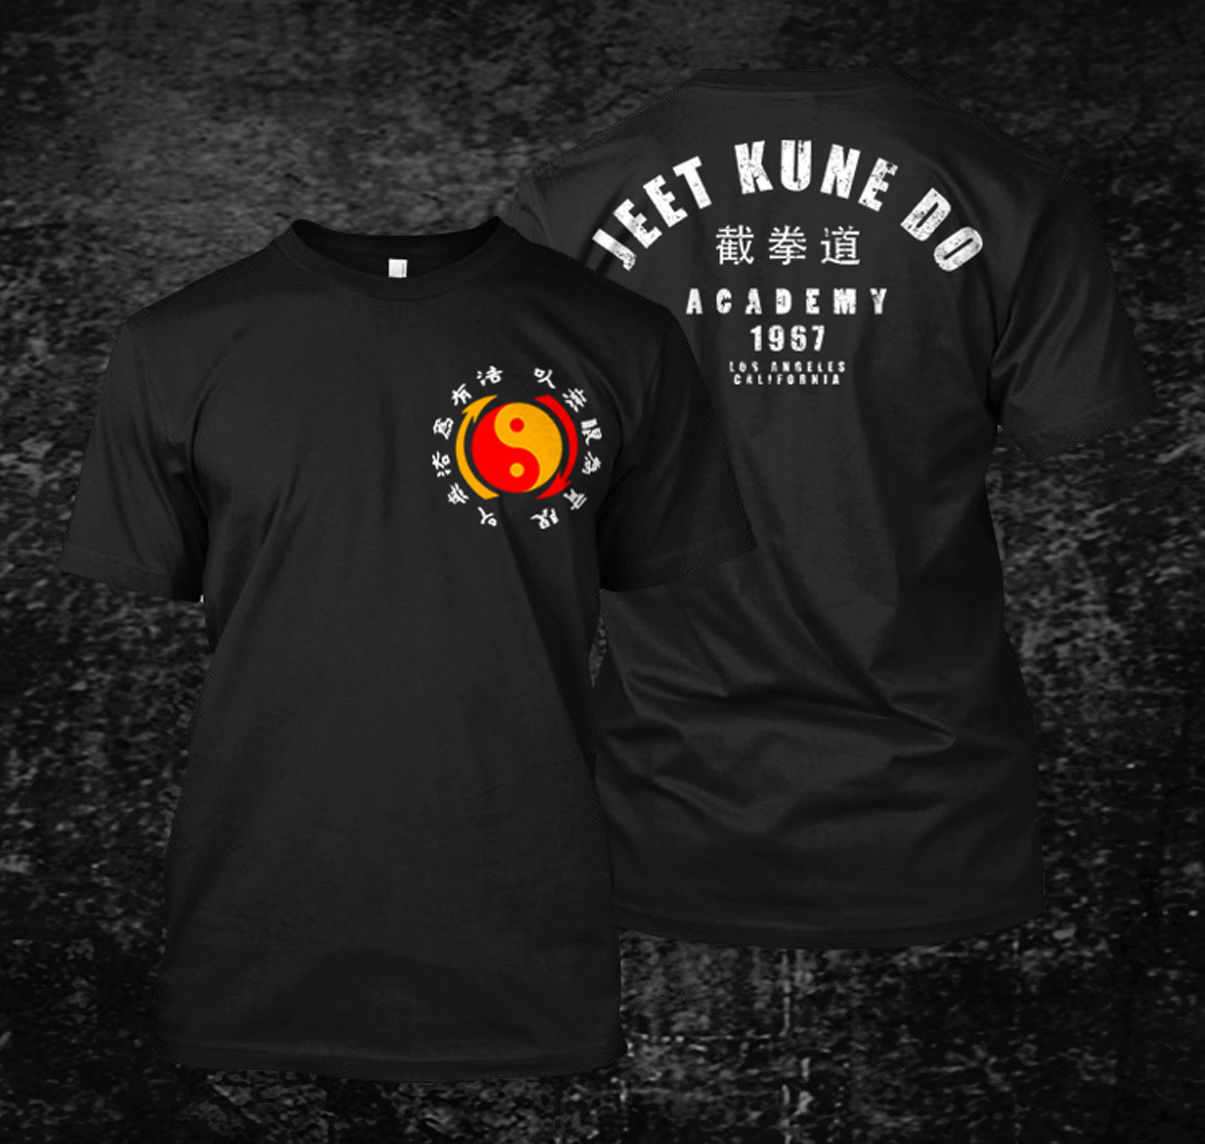 Camiseta masculina jeet kone do academia, camiseta de manga curta de 100% algodão, hip hop, harajuku, venda imperdível streetwear